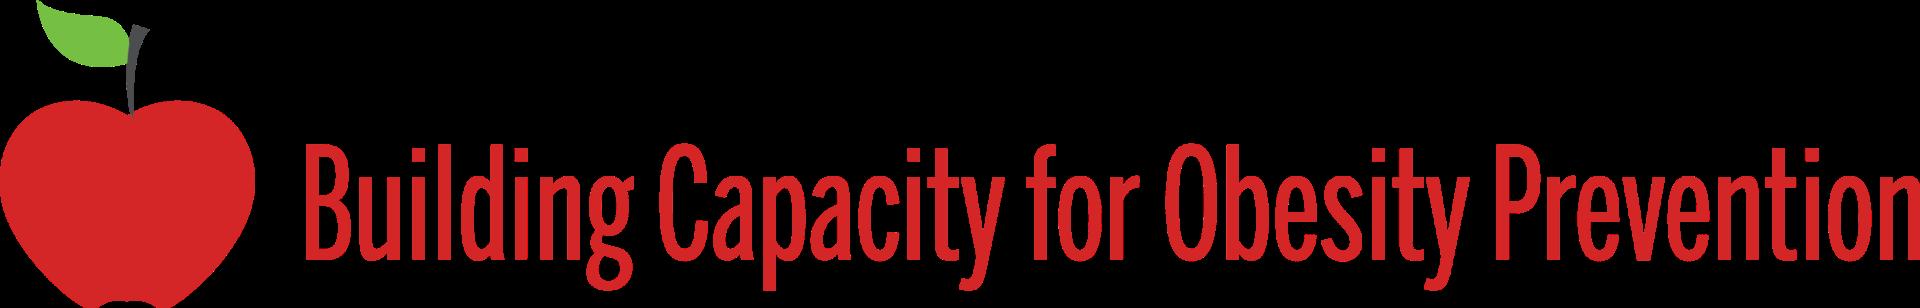 BCOP logotype